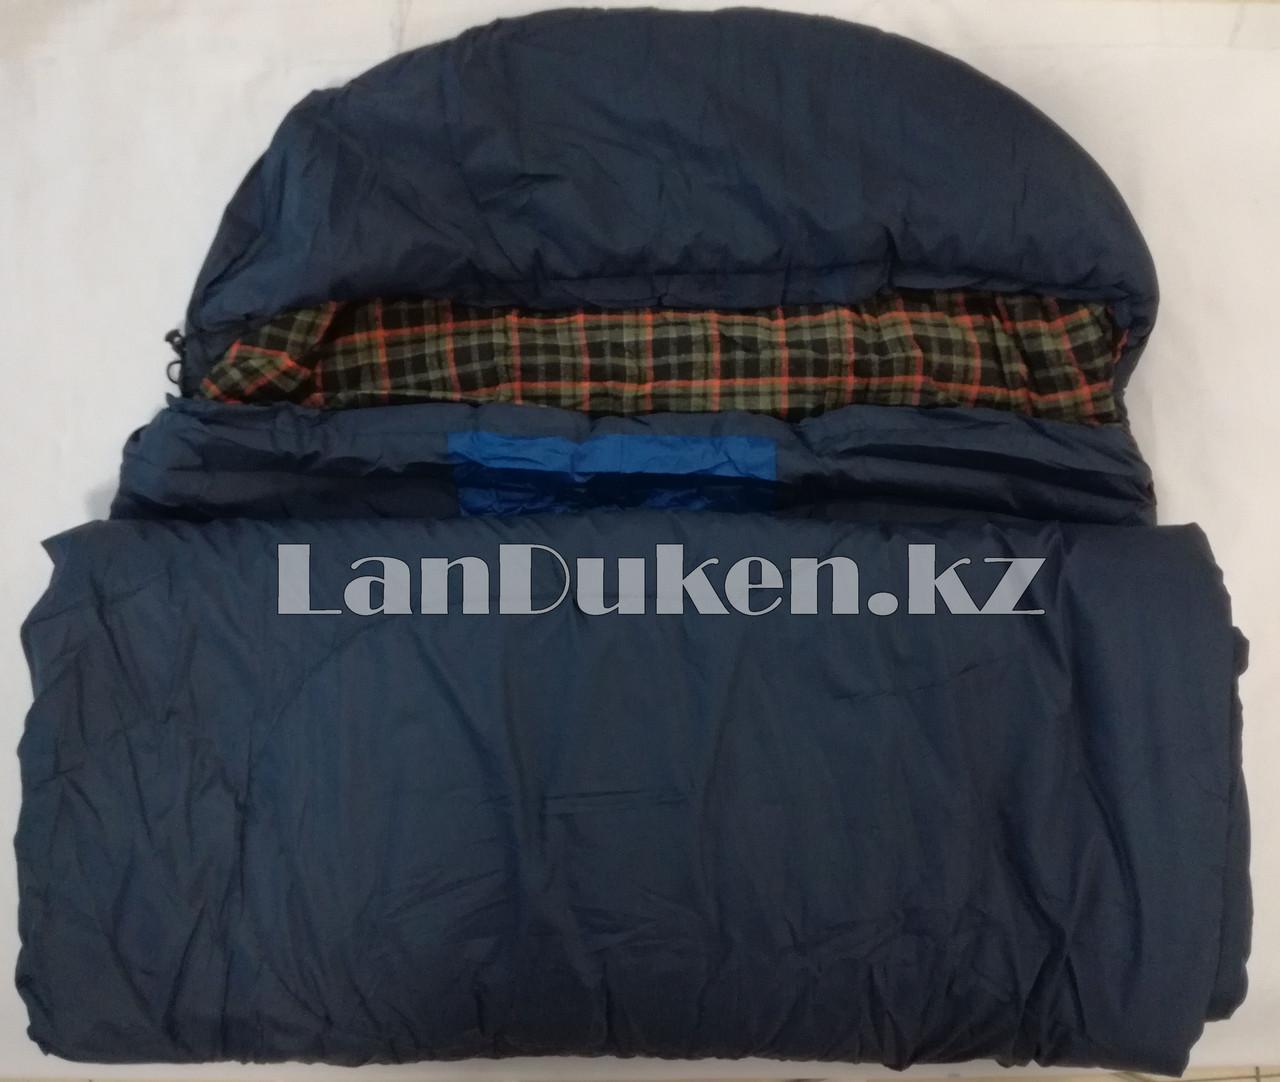 Спальный (туристический) мешок TUOHAI (200+30)Х80 см - фото 2